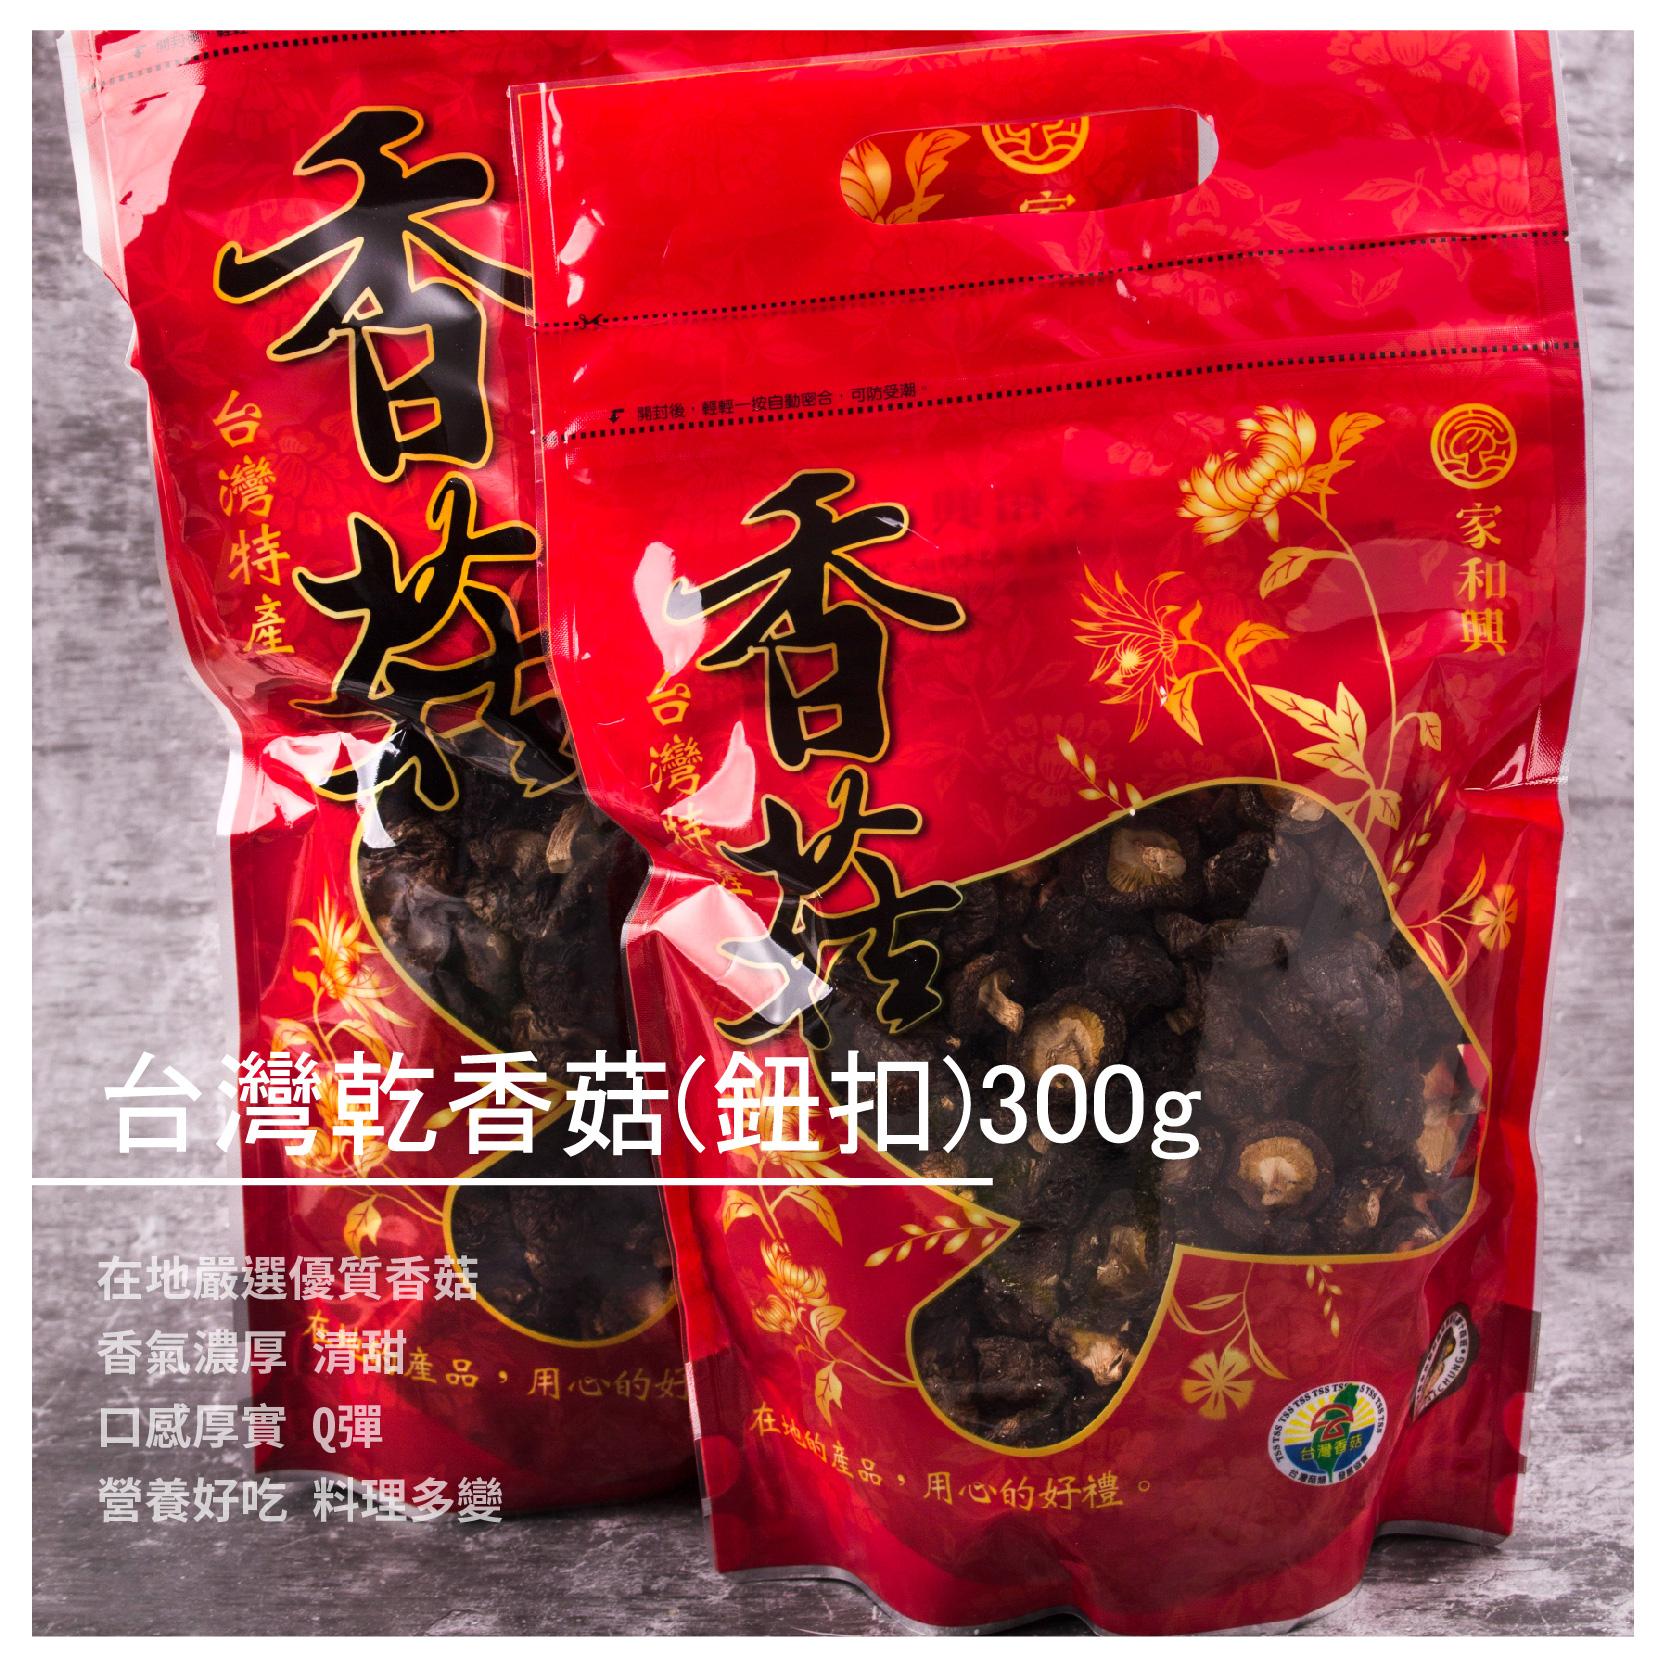 【家和興】台灣乾香菇(鈕扣菇)-300g